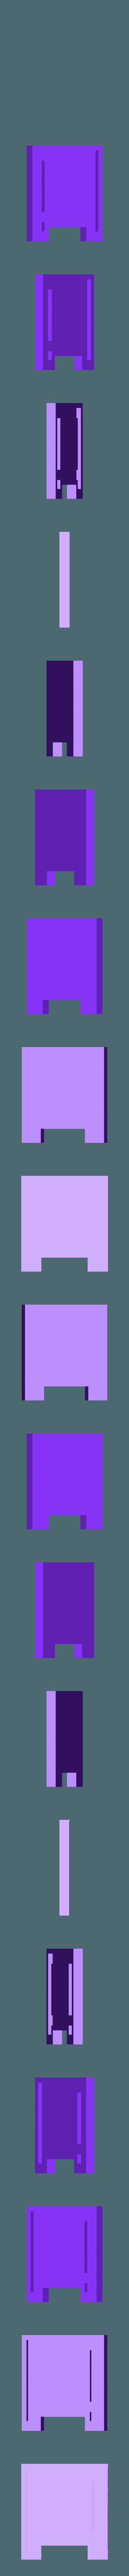 Endcap.stl Download free STL file Four Whistles • 3D print object, gzumwalt